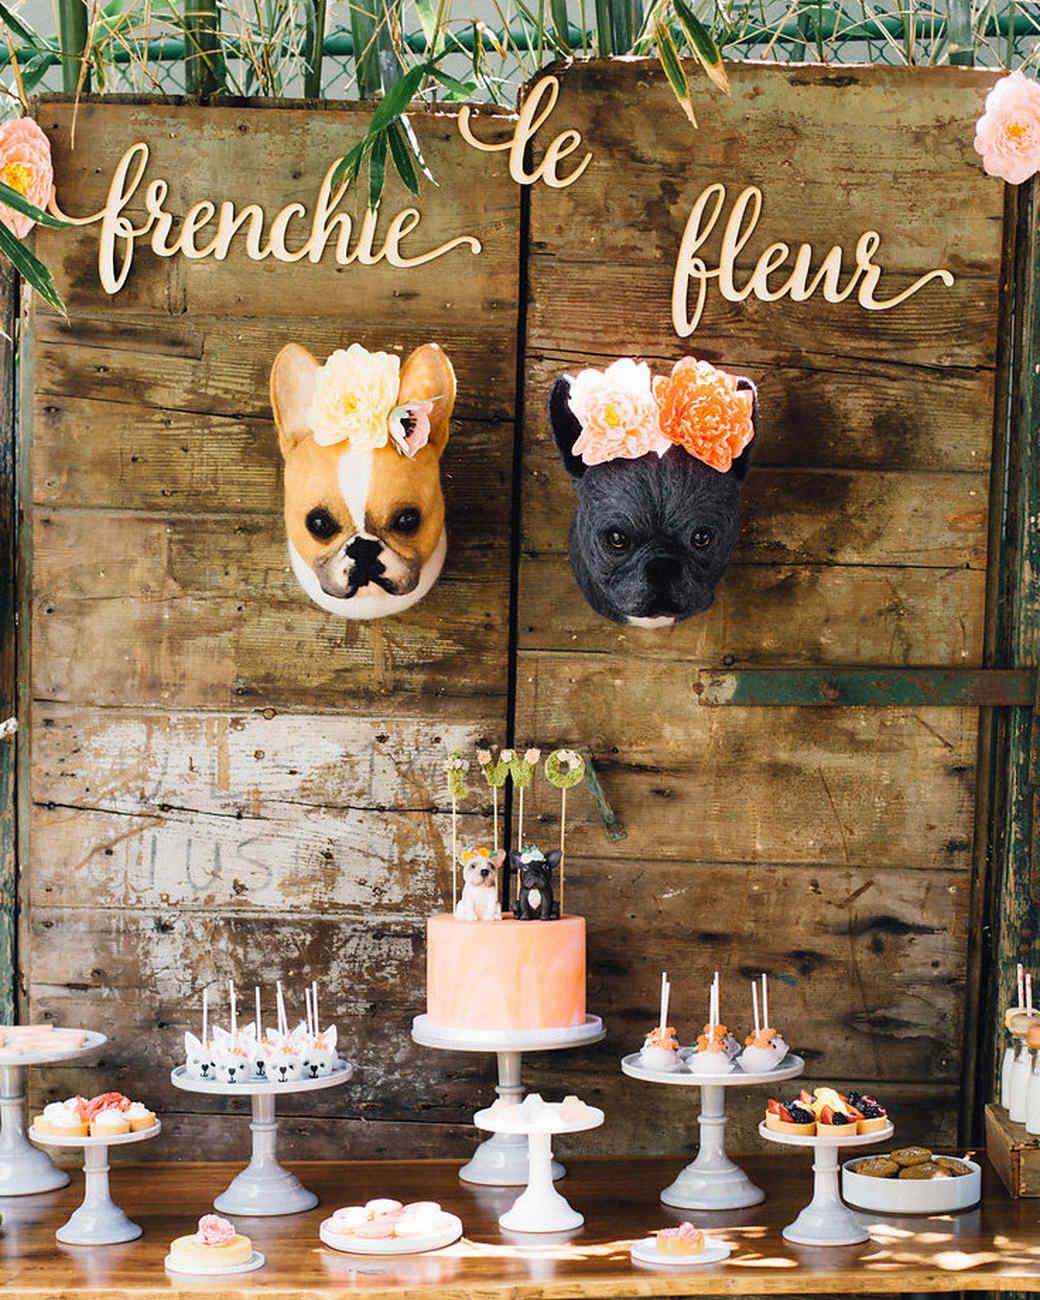 frenchie-birthday-party-1-0218